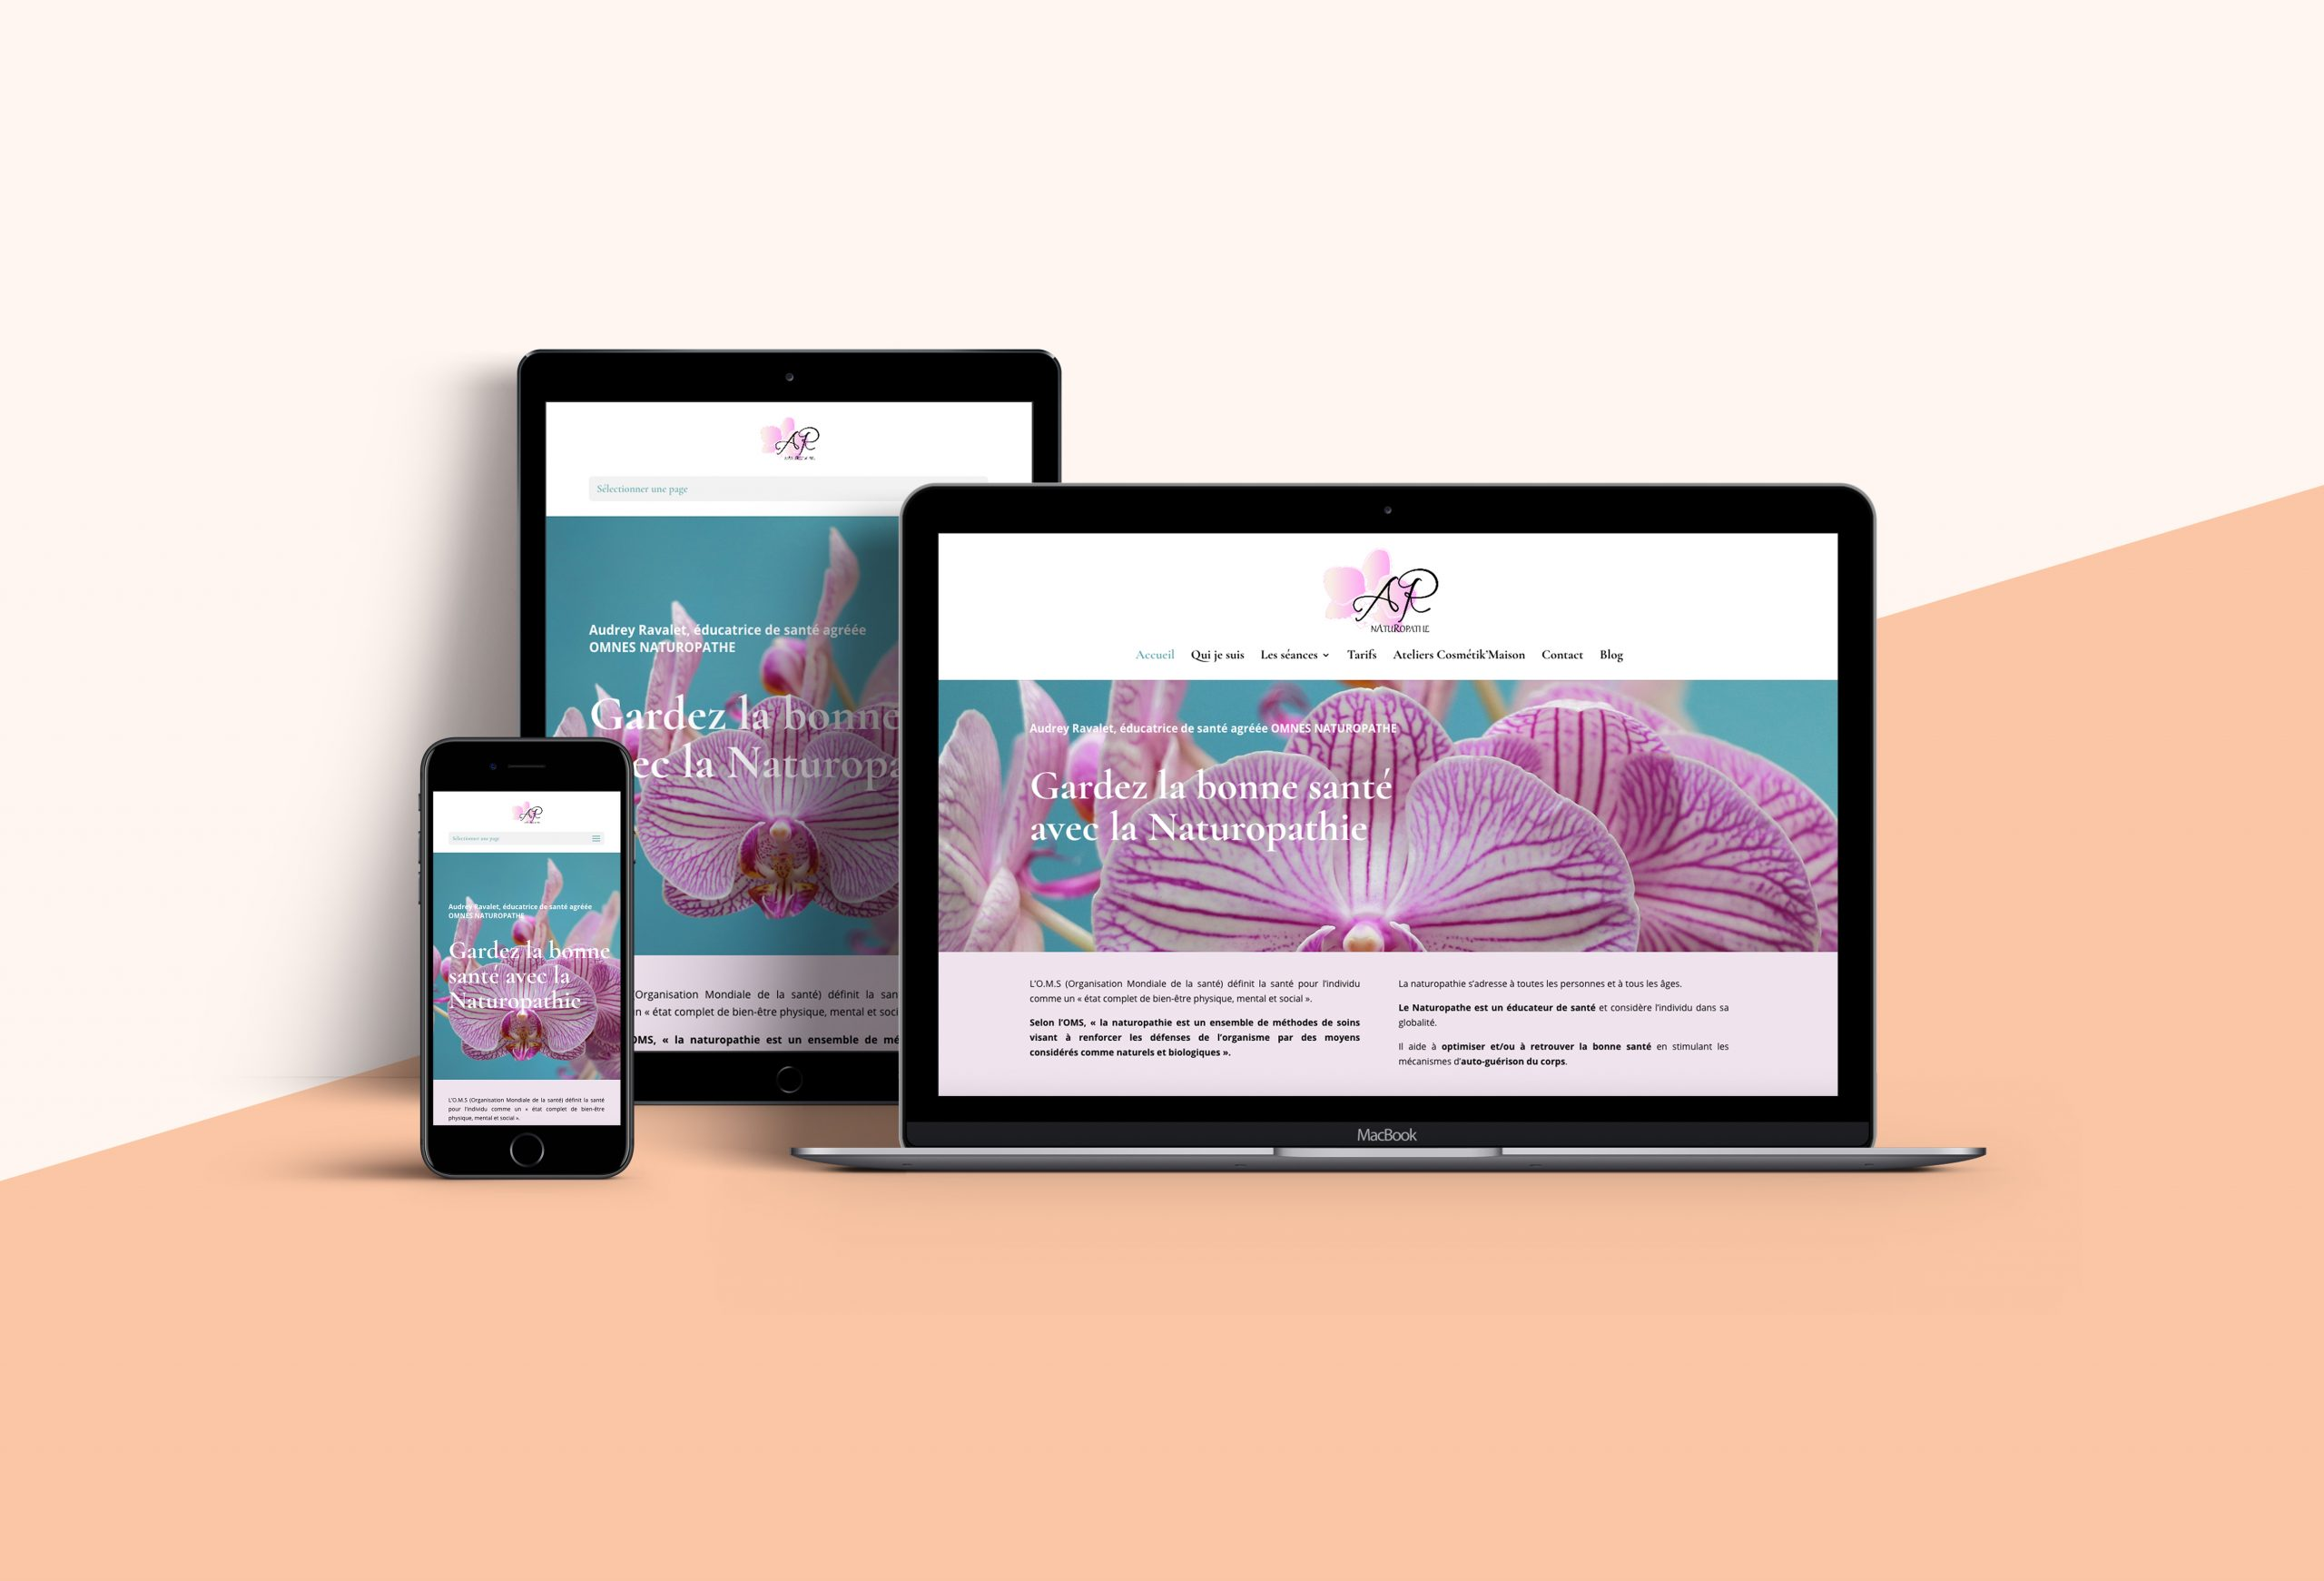 réalisation du site Internet vitrine d'Audrey Ravalet, naturopathe